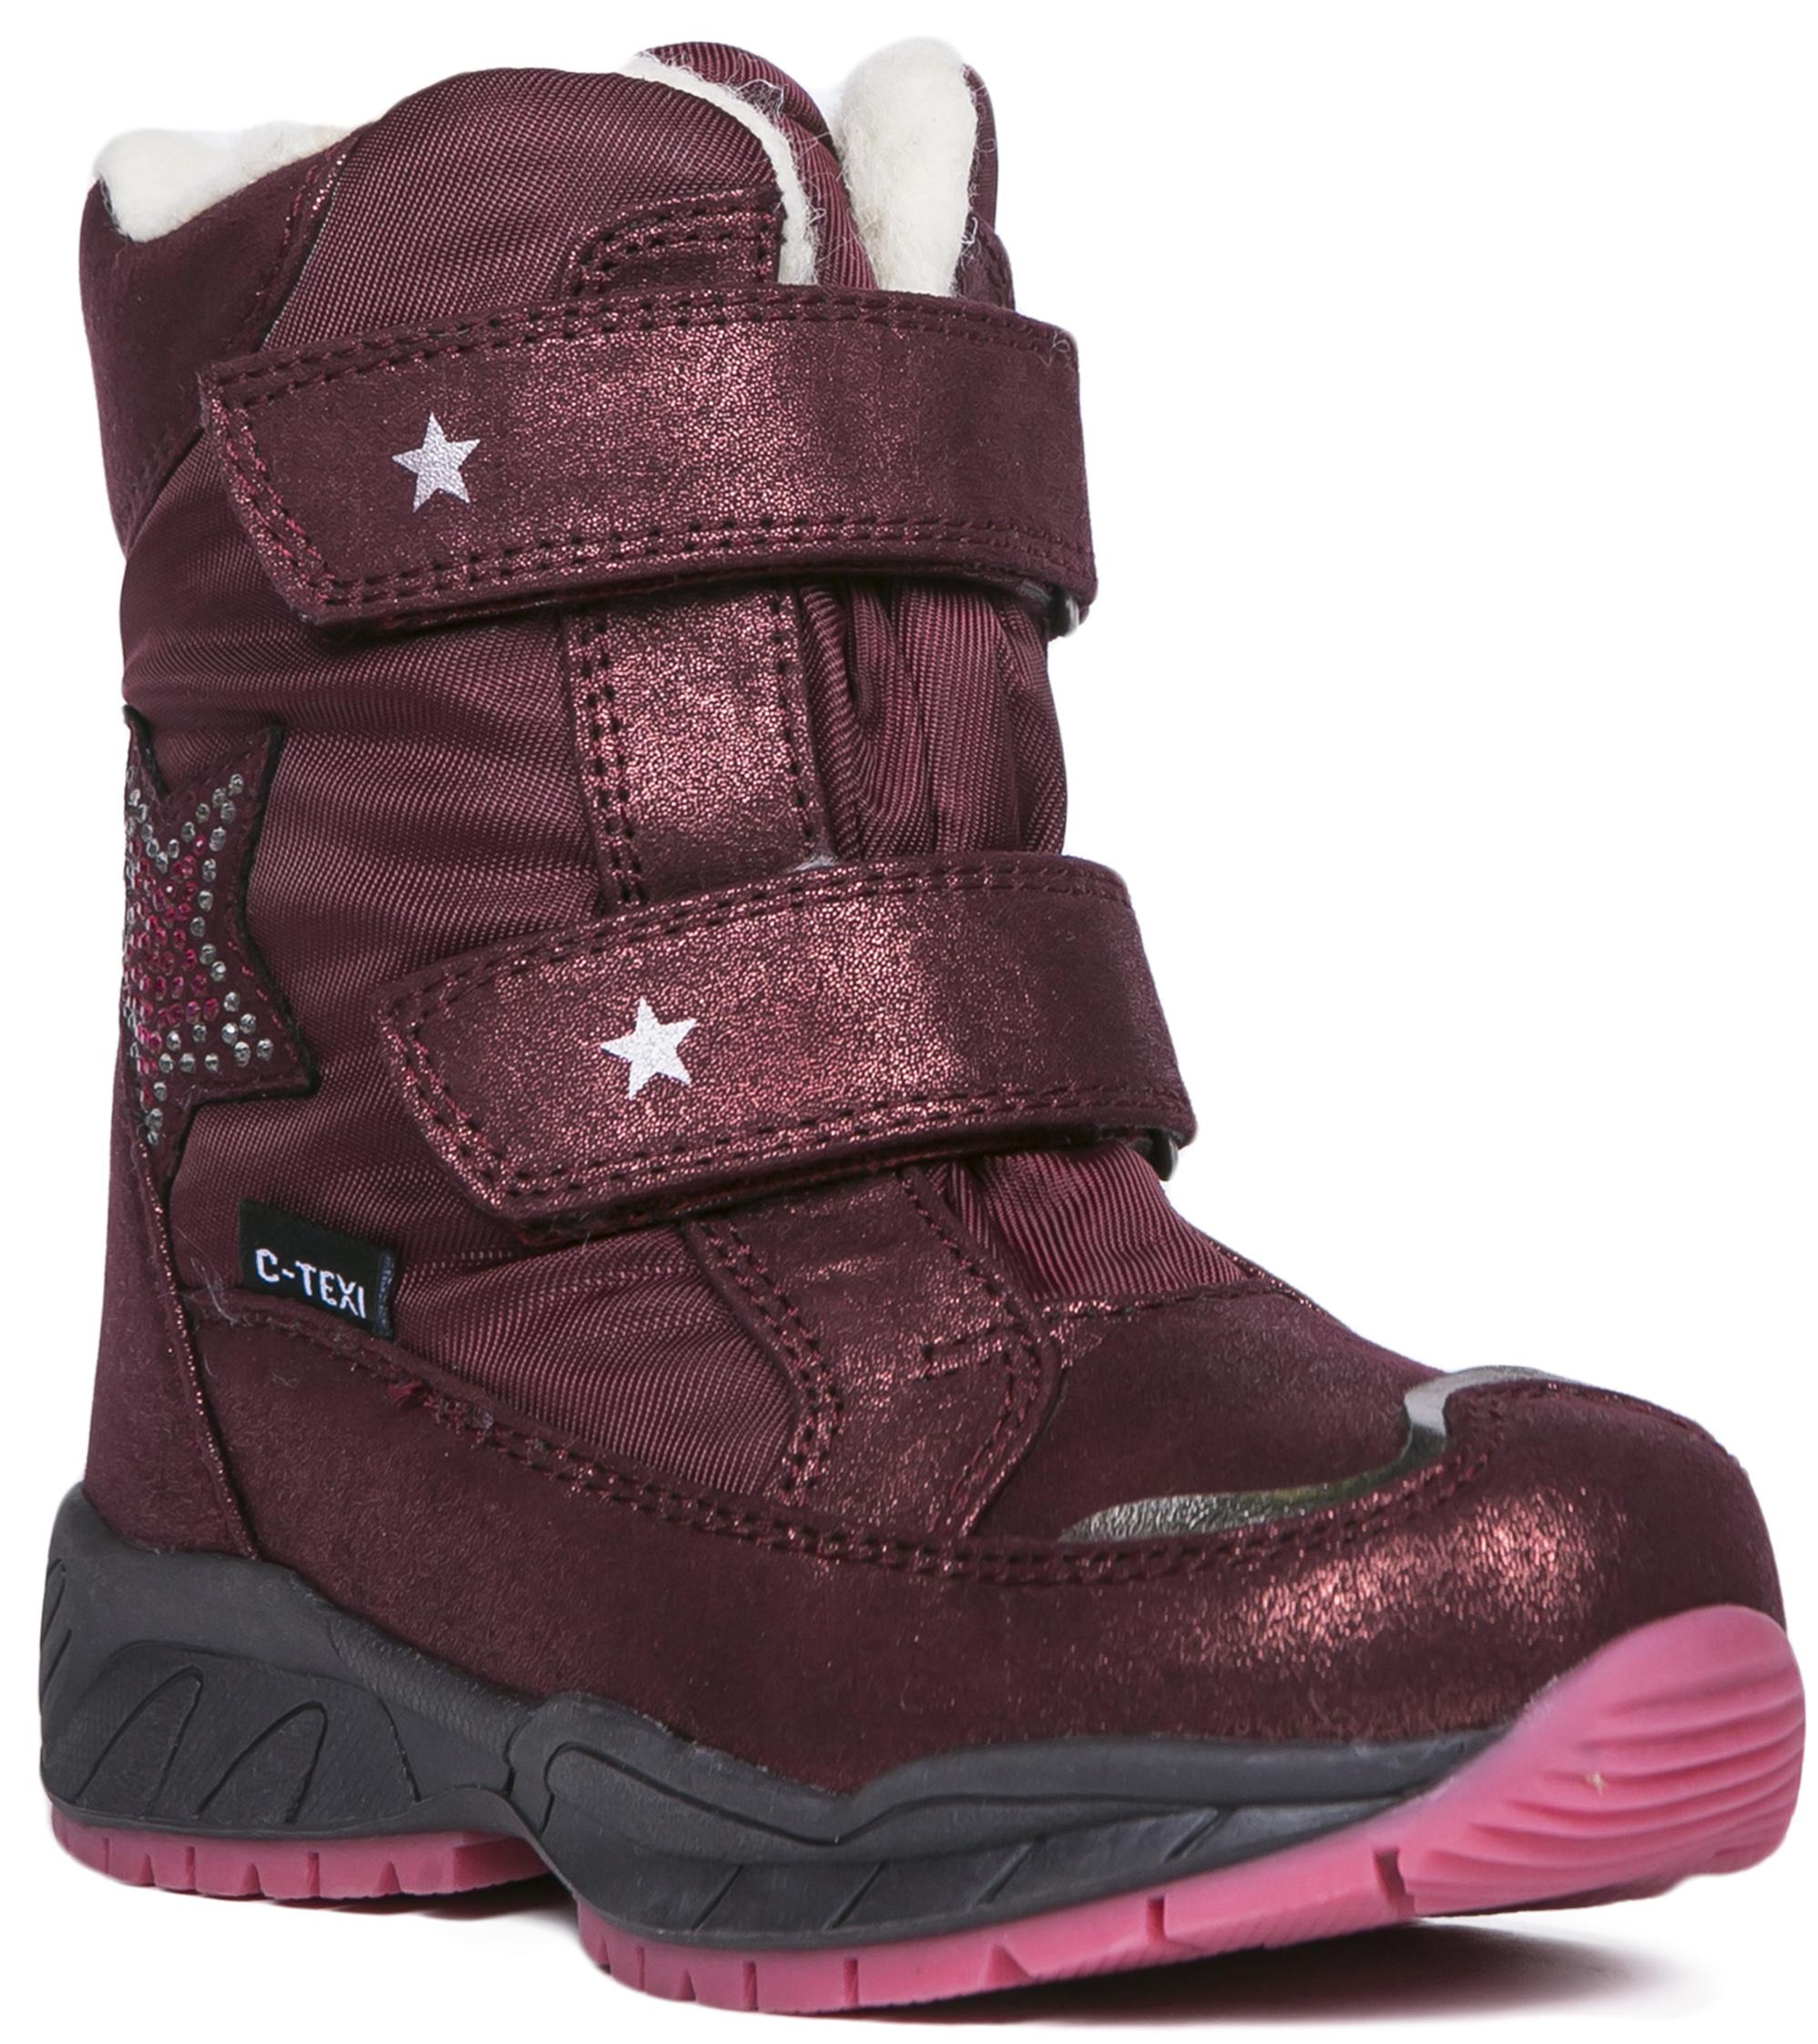 Купить Ботинки и полуботинки, Ботинки для девочки Barkito, бордовые, Китай, Женский